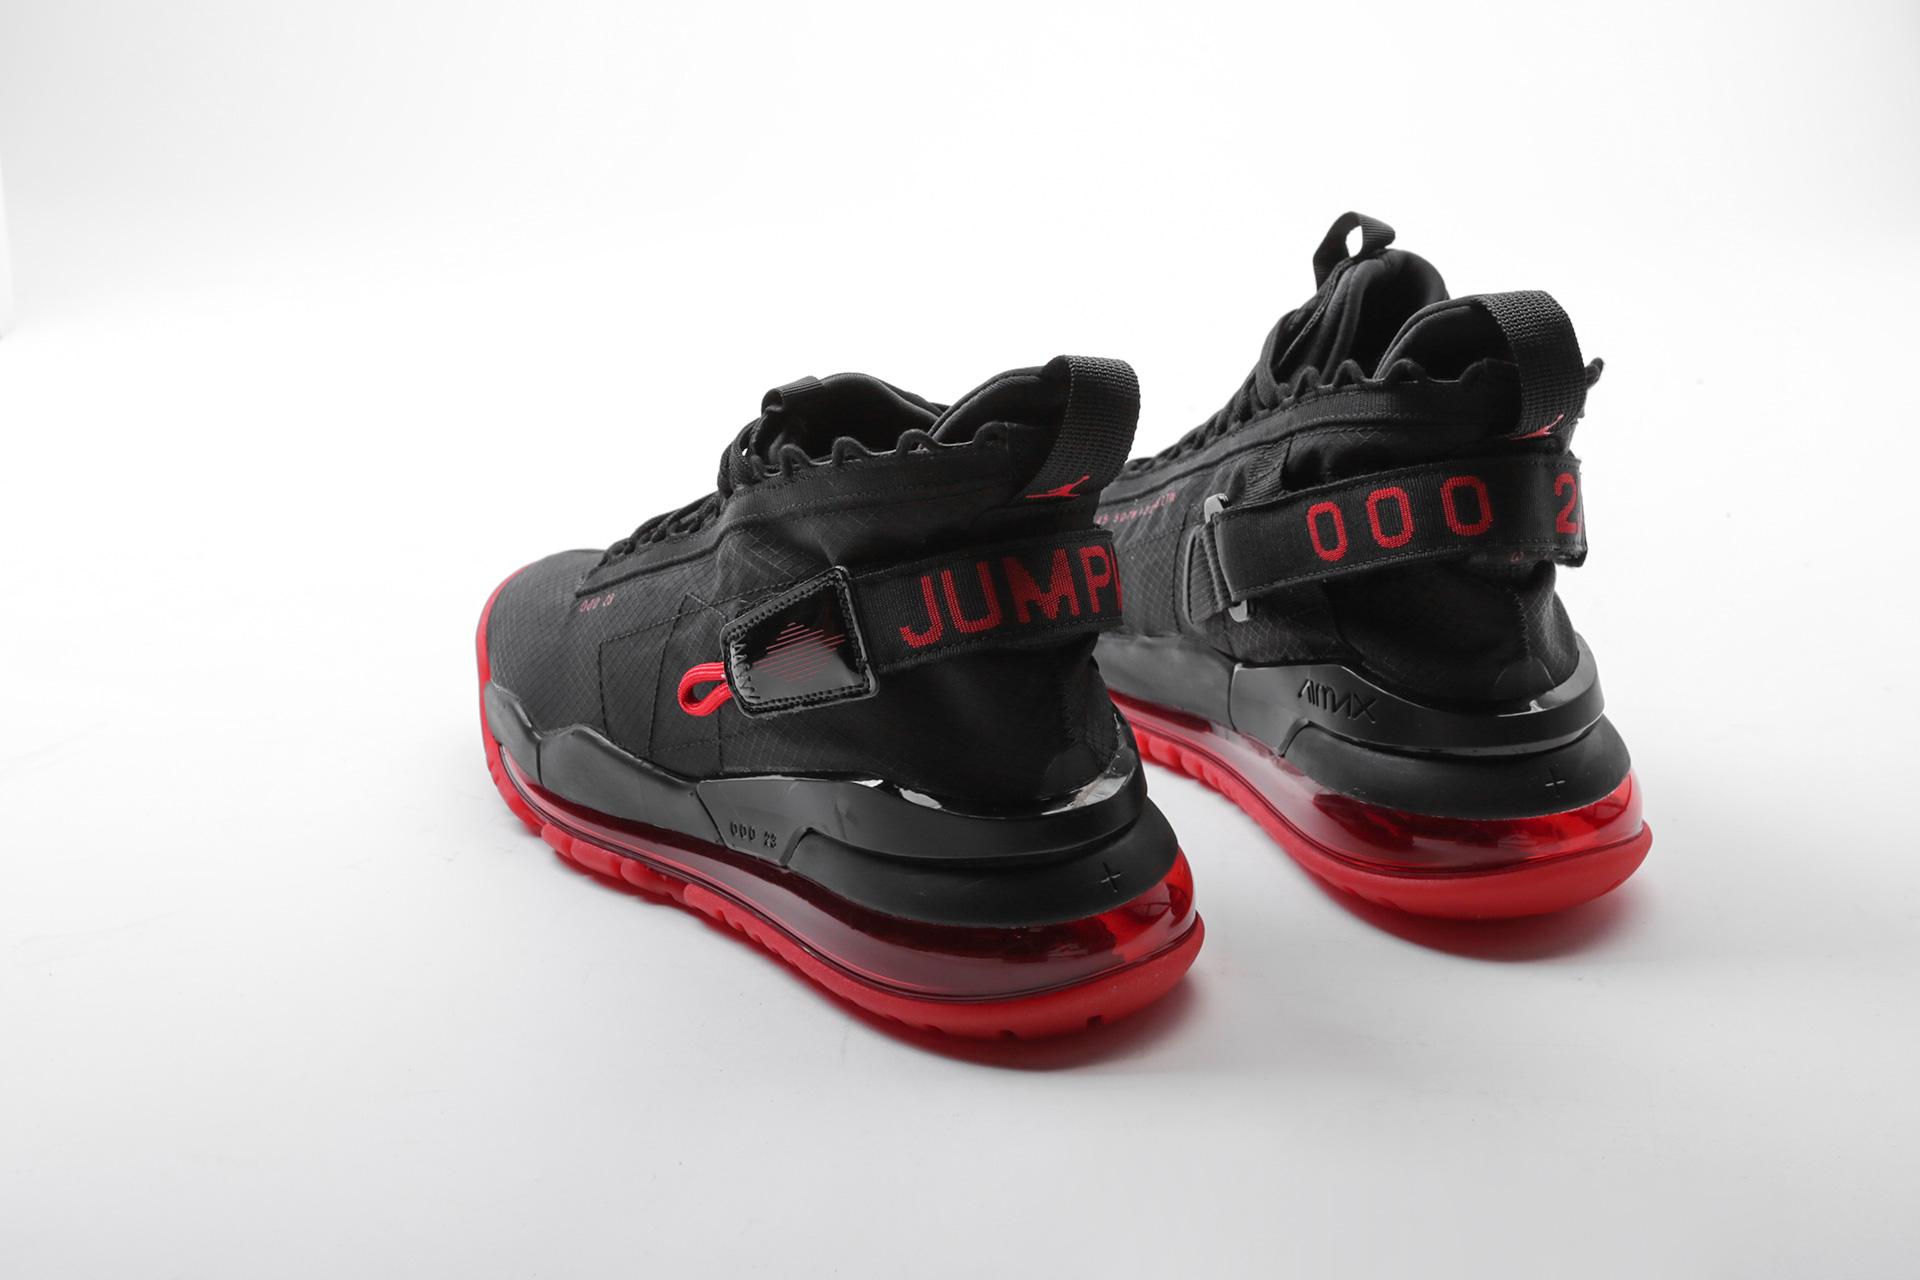 0047aa4f2604 Кроссовки Jordan (Джордан) купить по цене от 2 250 рублей в интернет  магазине Sneakerhead